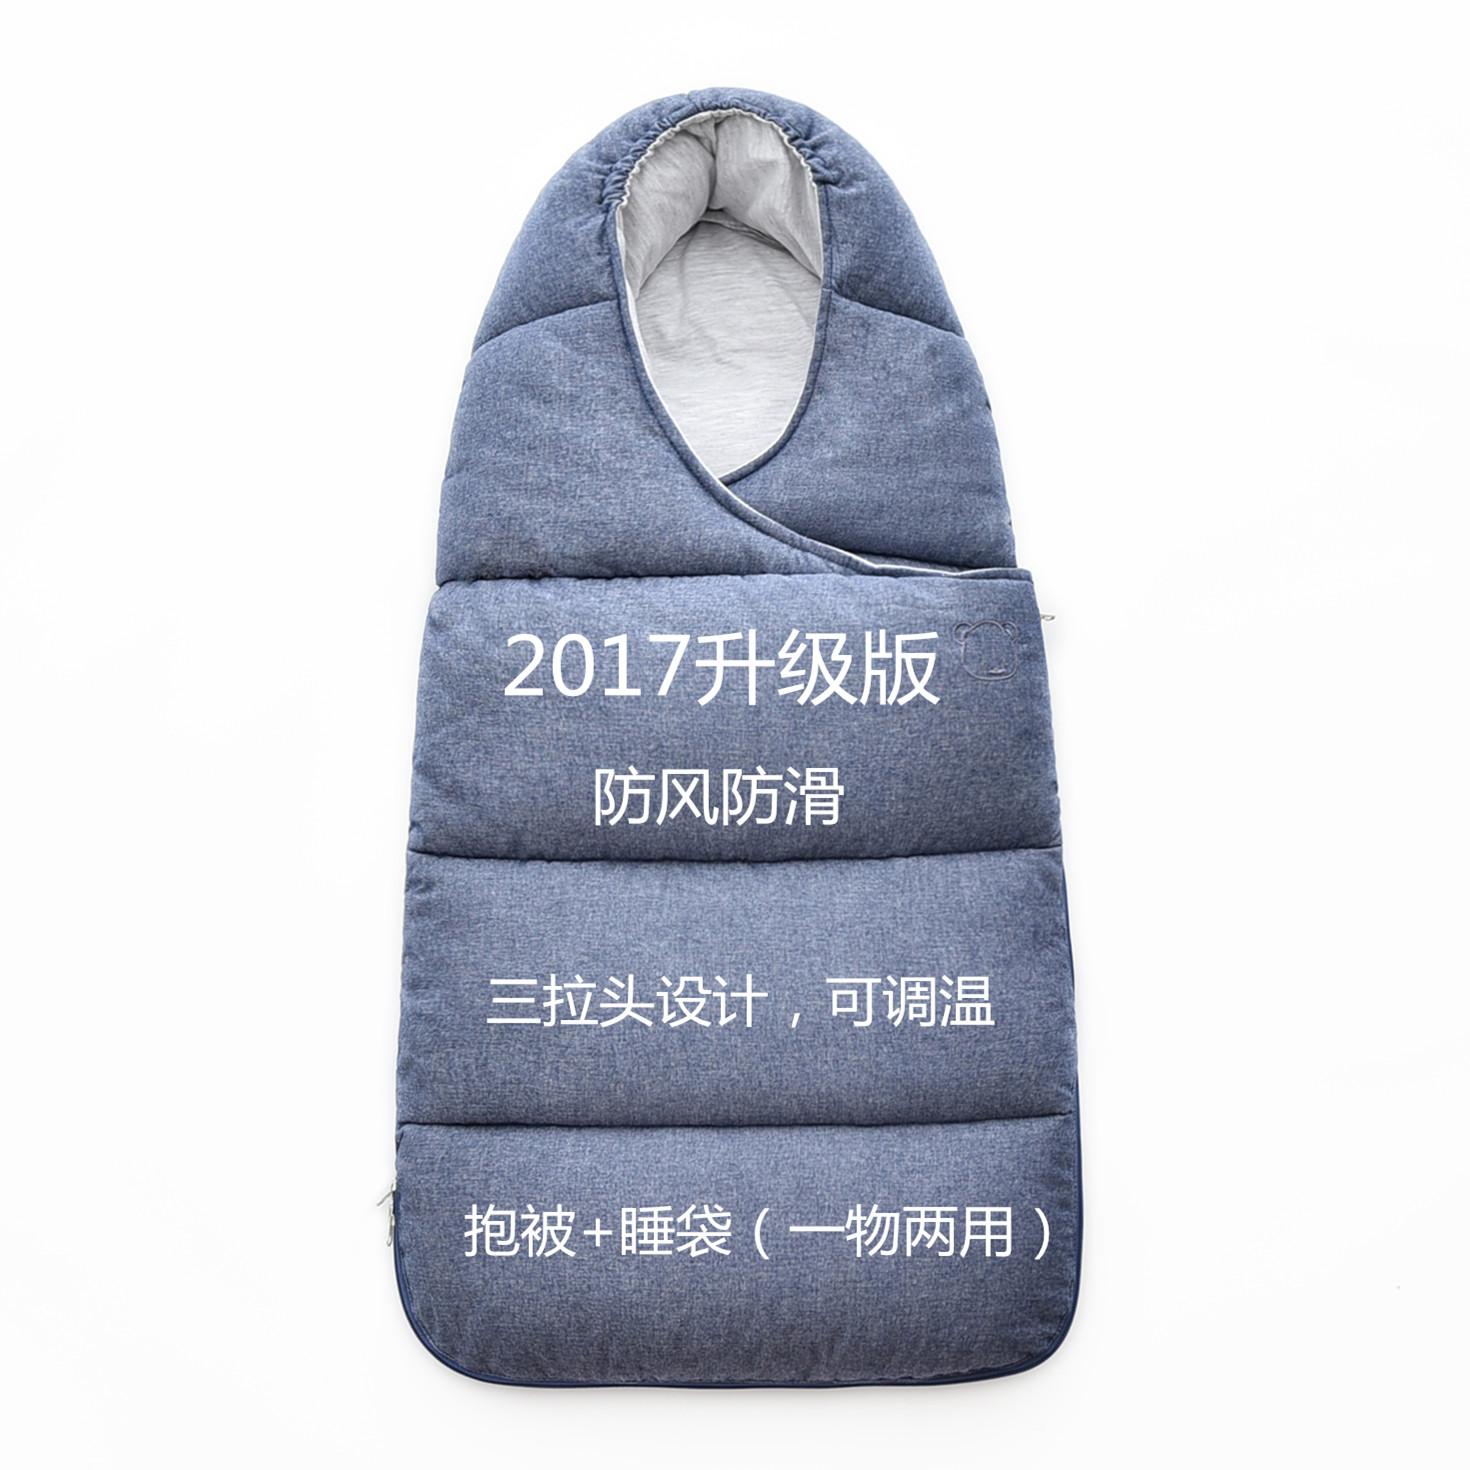 婴儿秋冬季纯棉抱被宝宝防踢睡袋新生儿加厚包被外出防风防寒抱毯